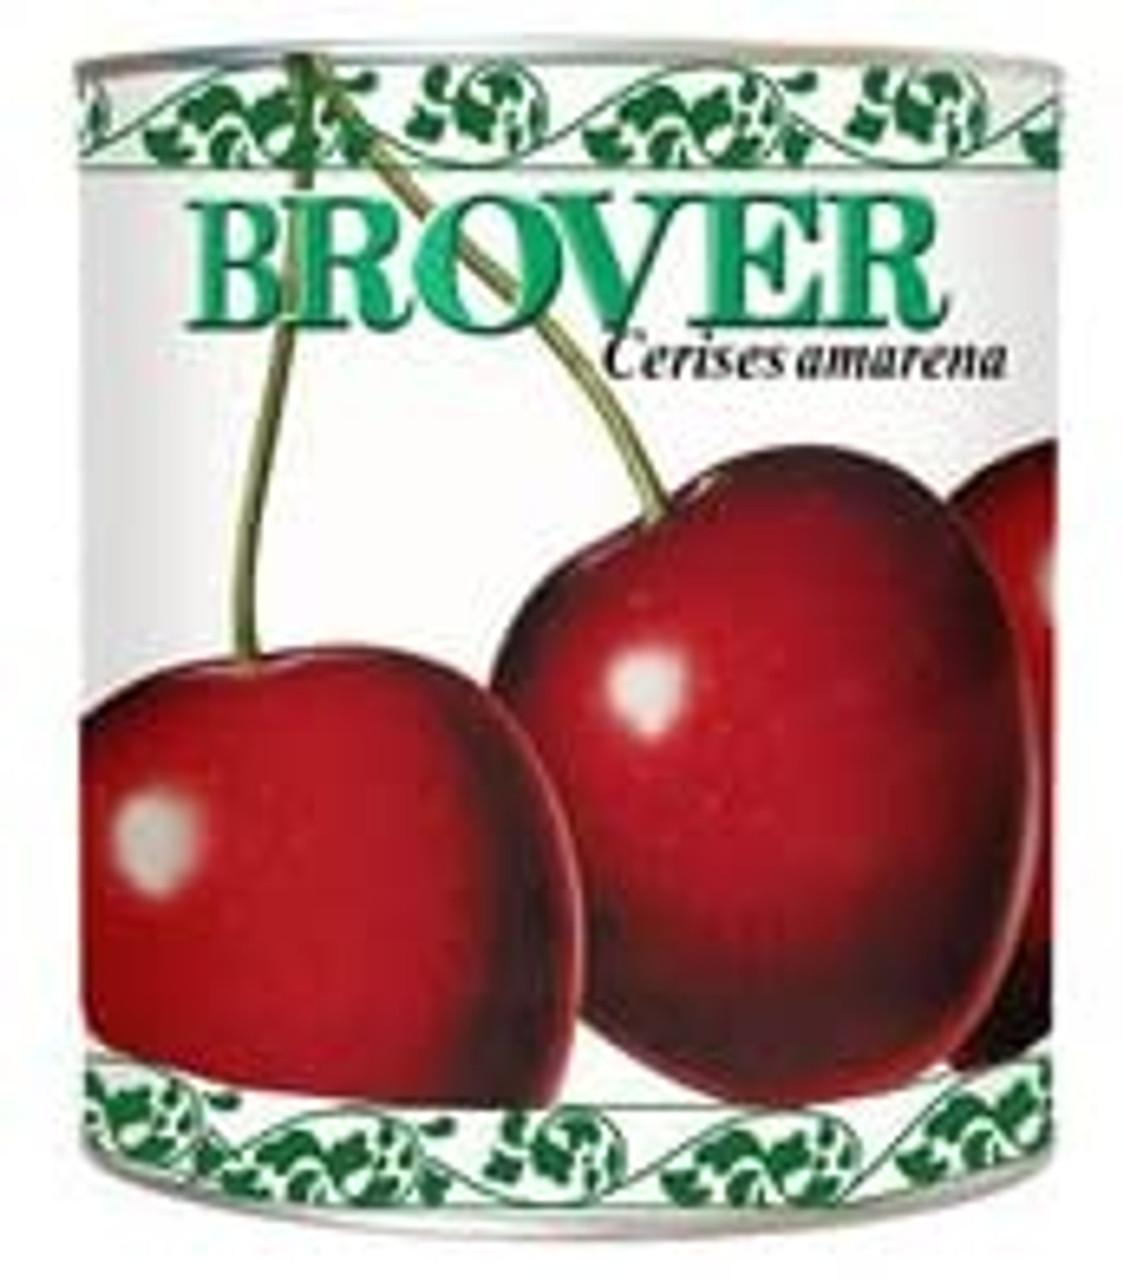 BROVER - AMARENA CHERRIES - 2.75KG